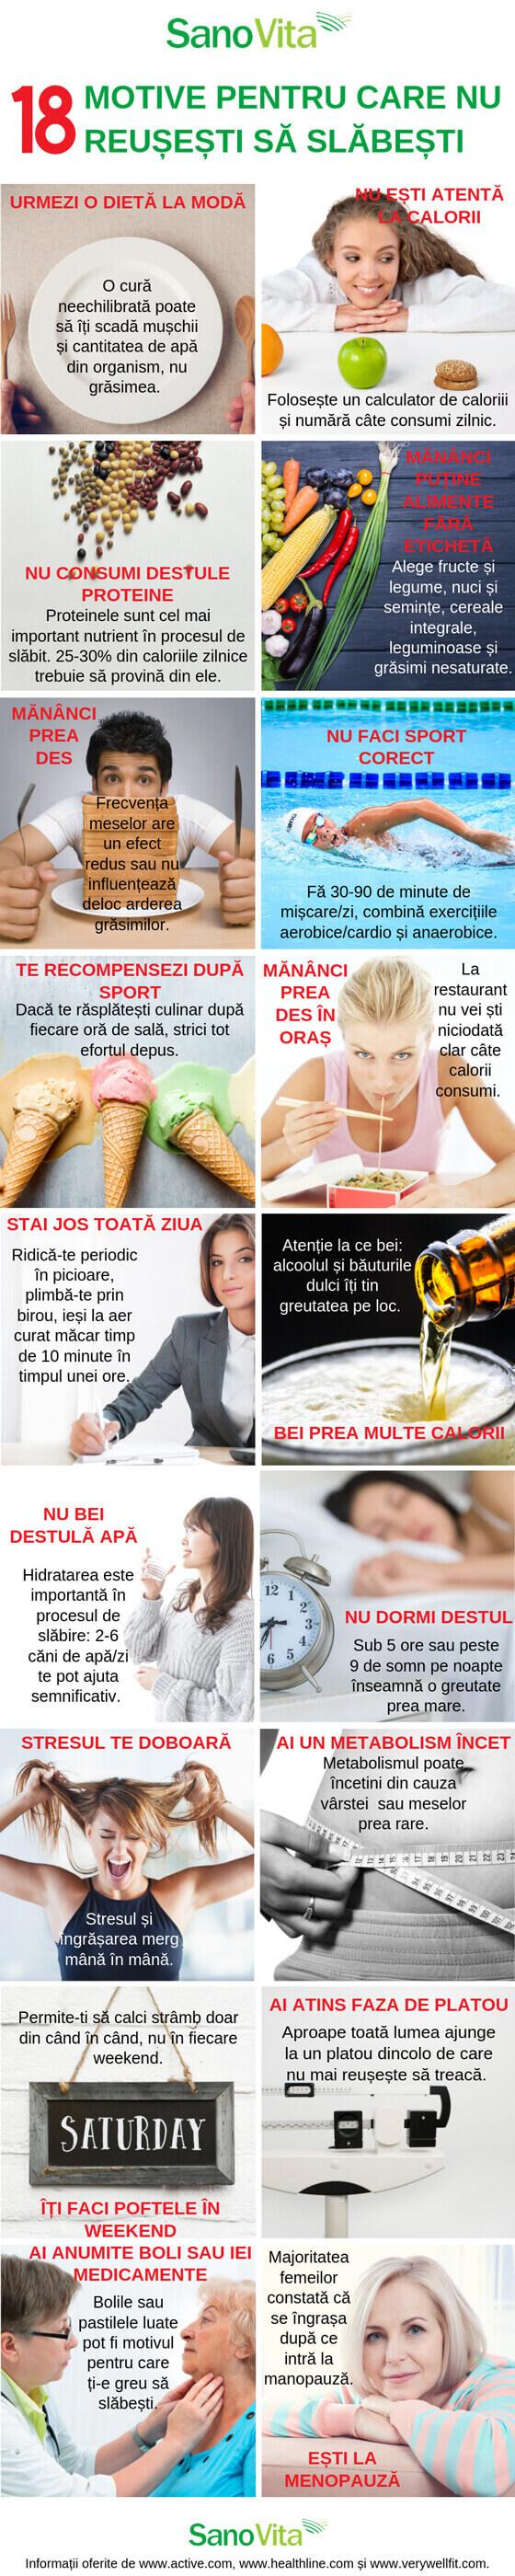 25 și nu poate slăbi)